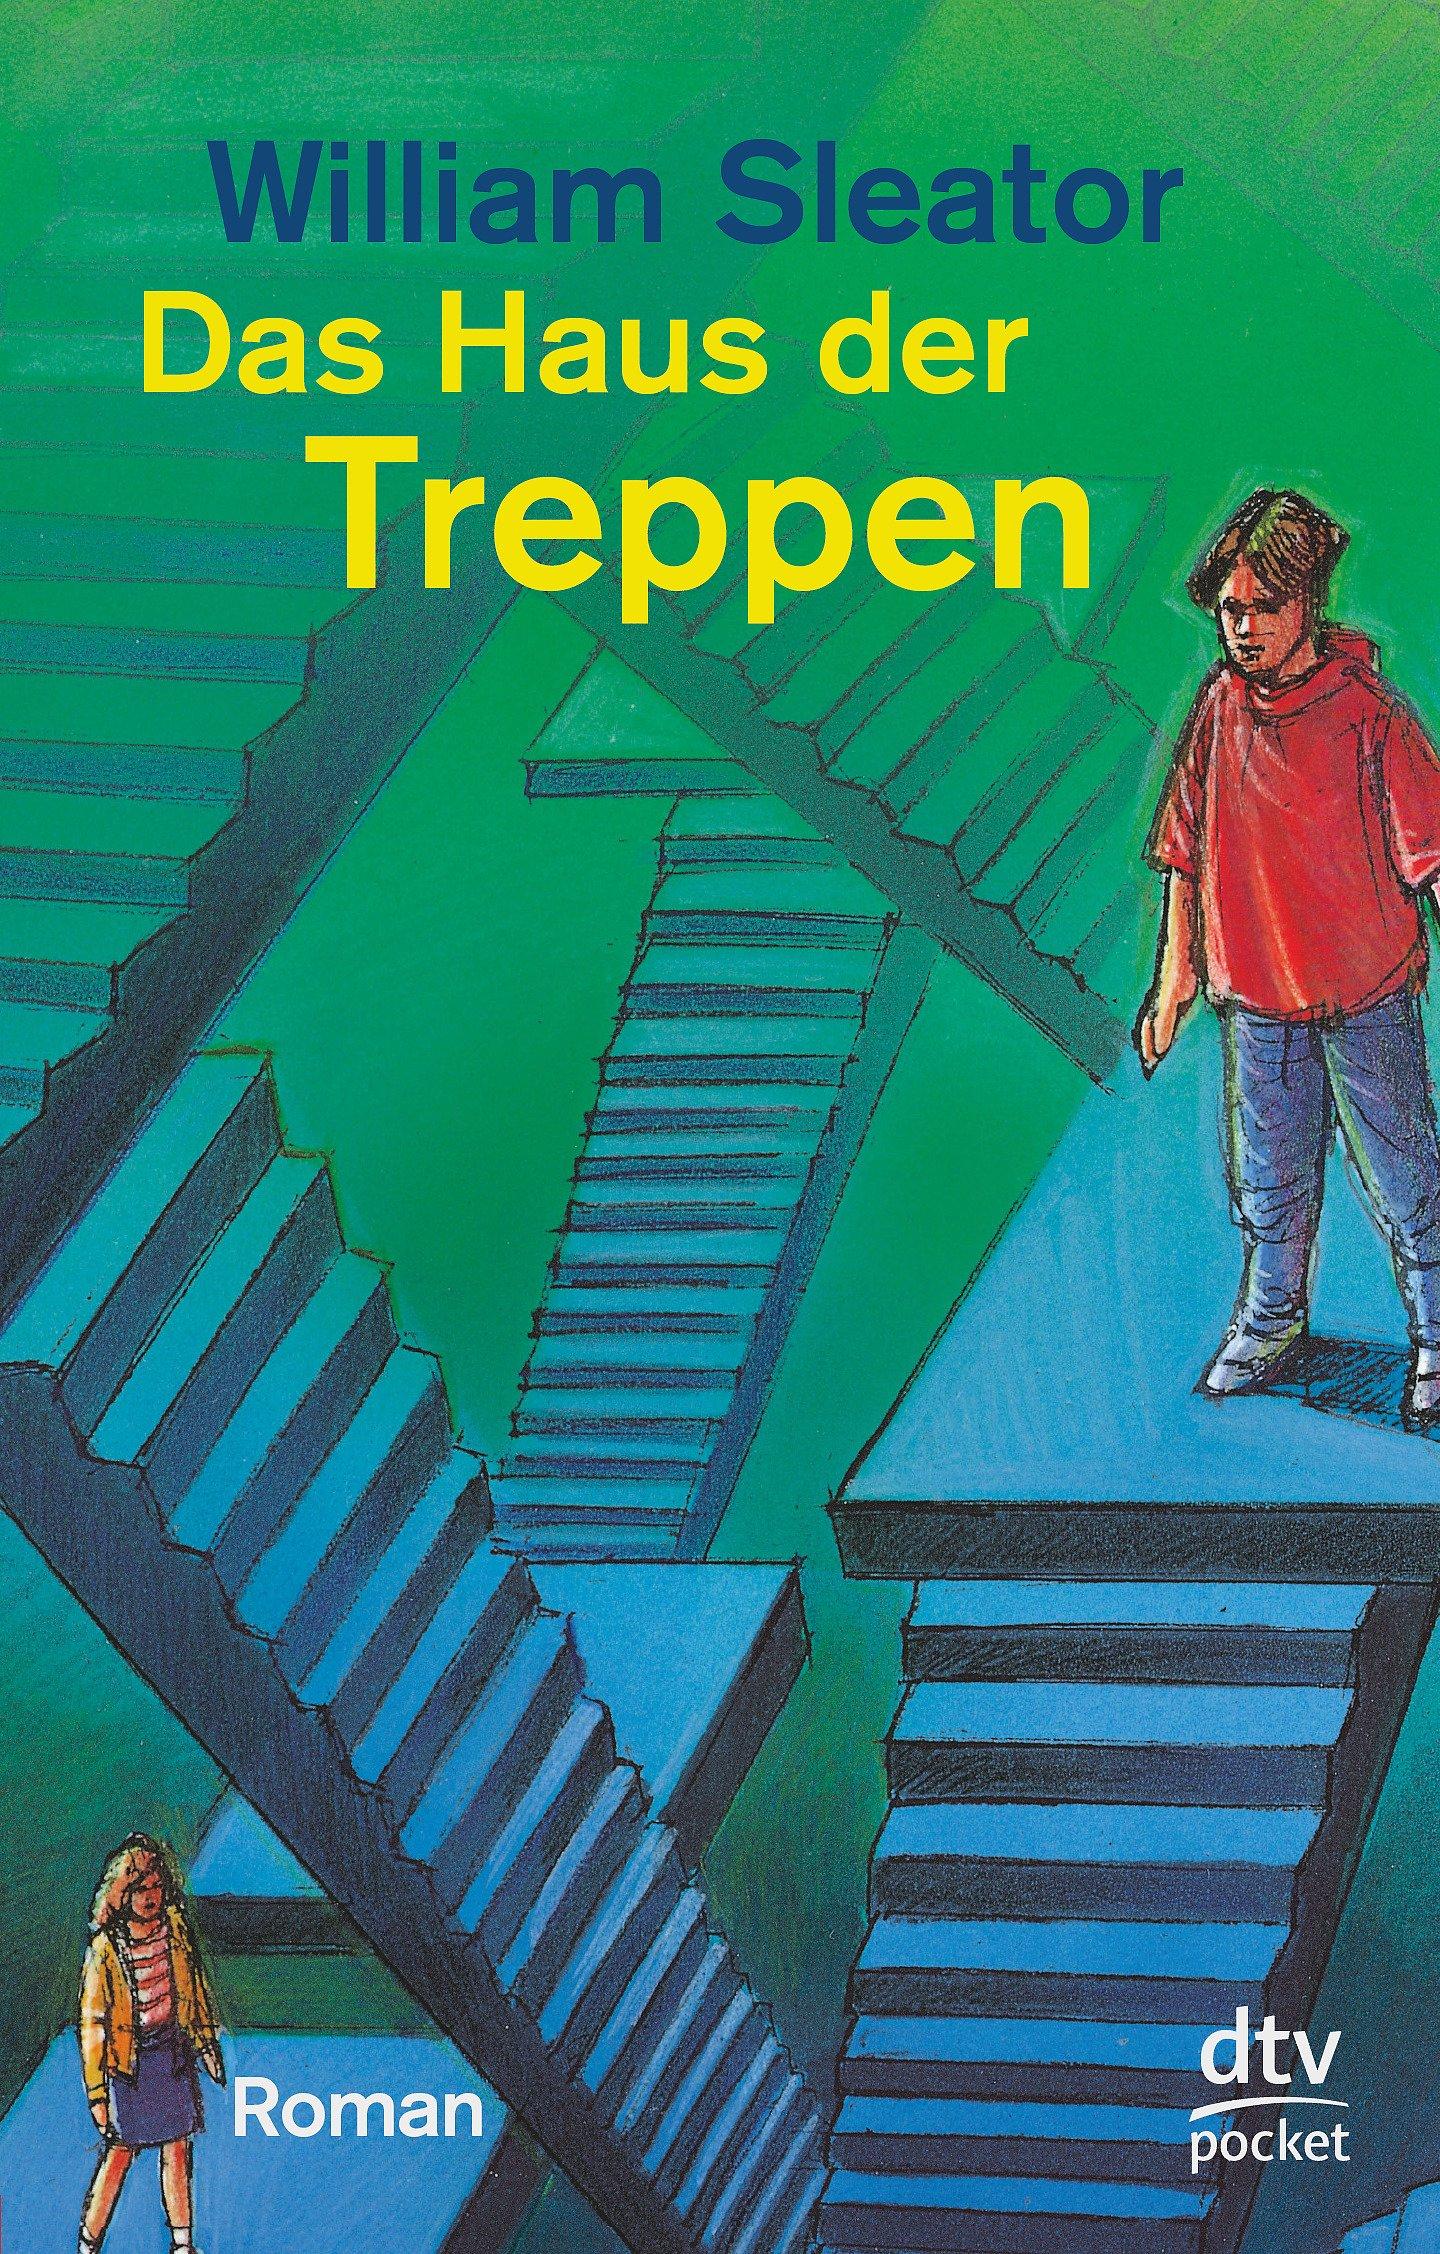 Das Haus der Treppen: Fünf junge Menschen kämpfen ums Überleben ...